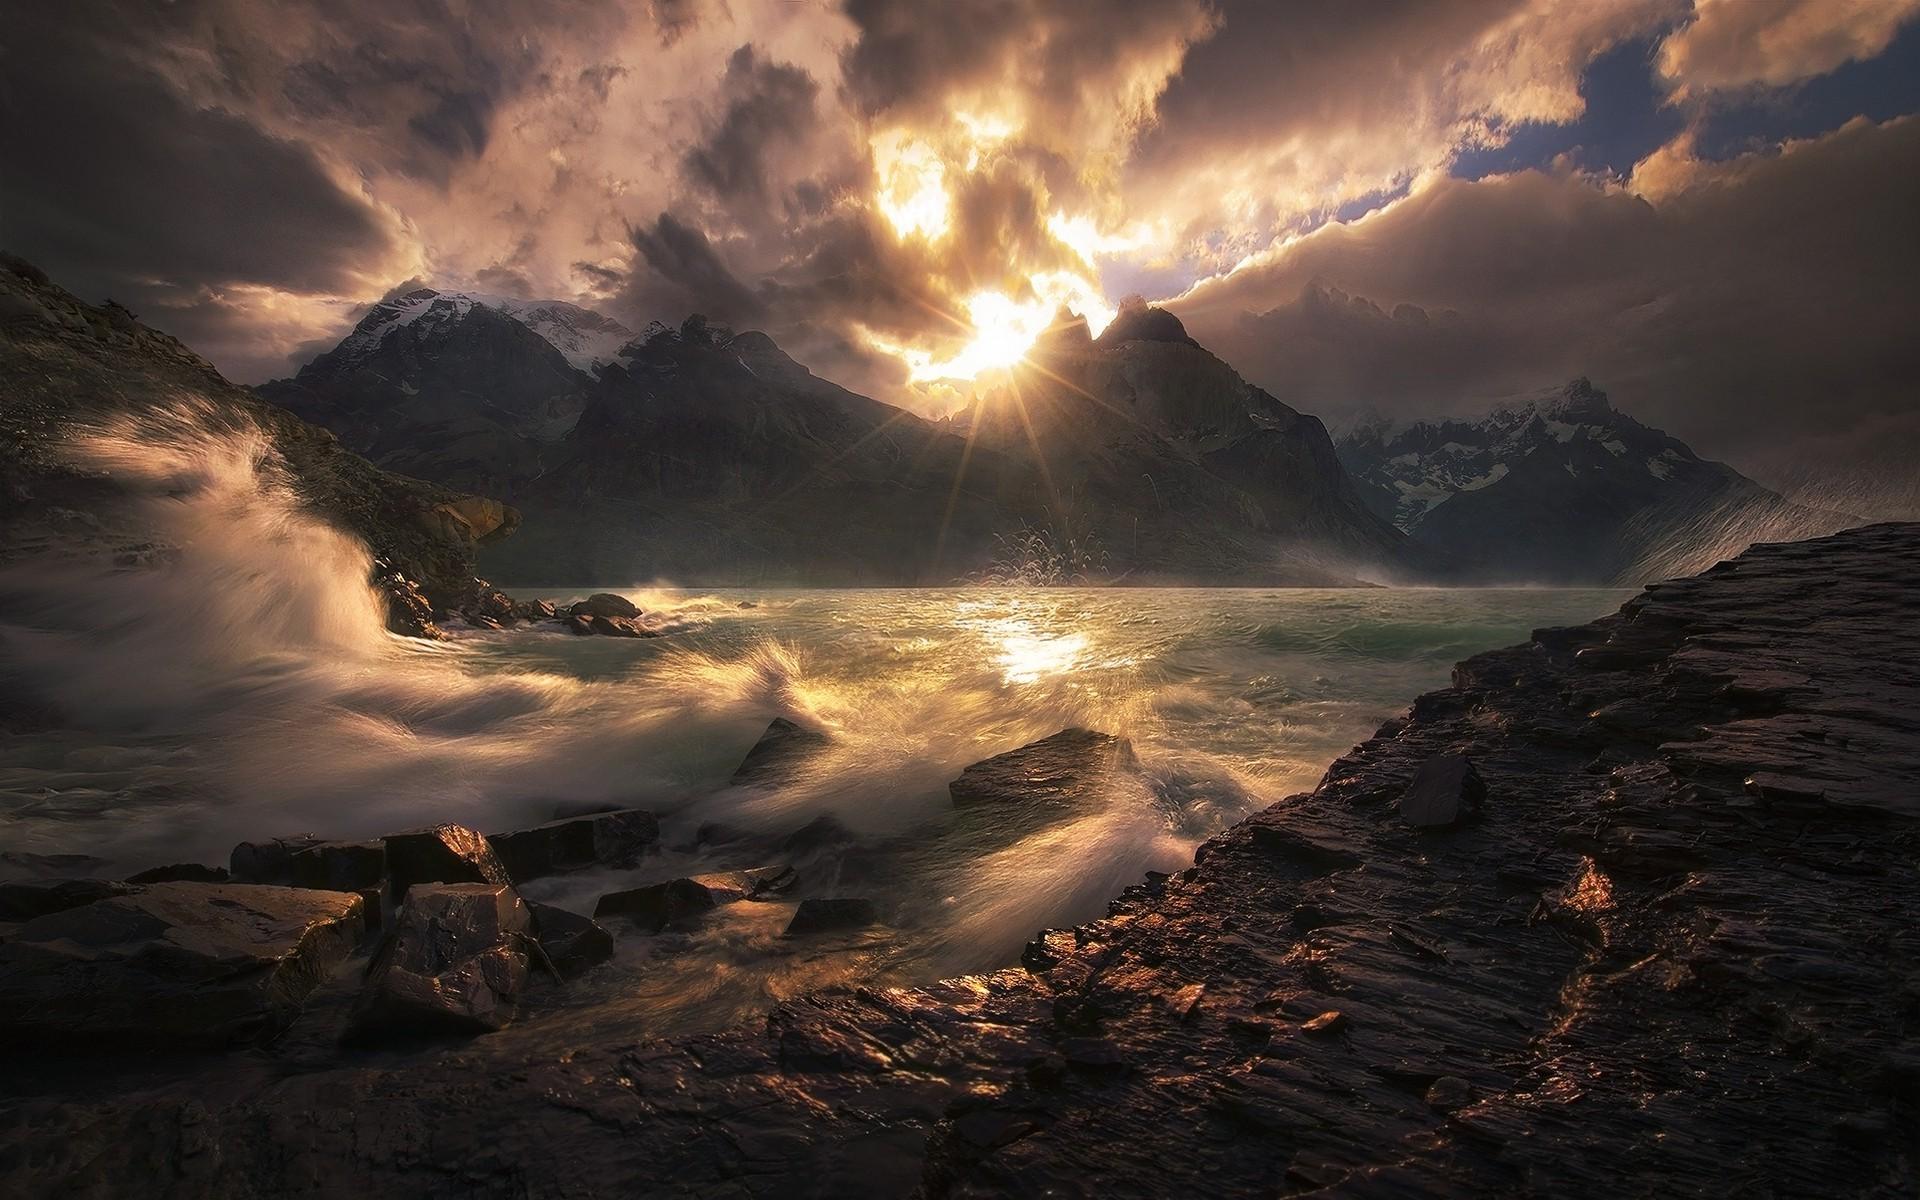 Красивые завораживающие фотографии и картинки